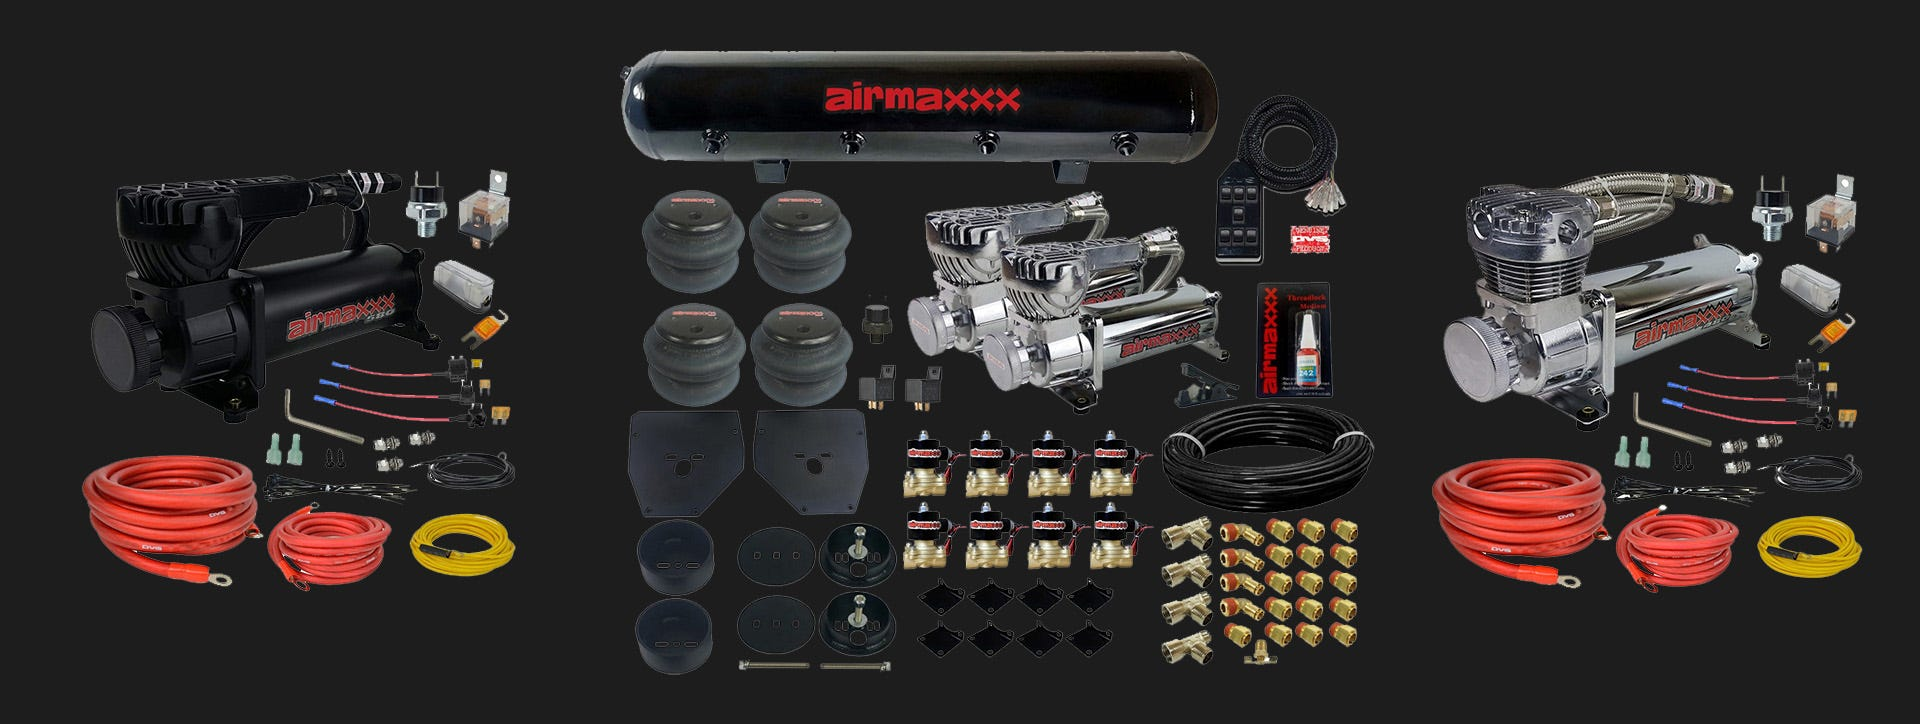 airmaxxx Kits